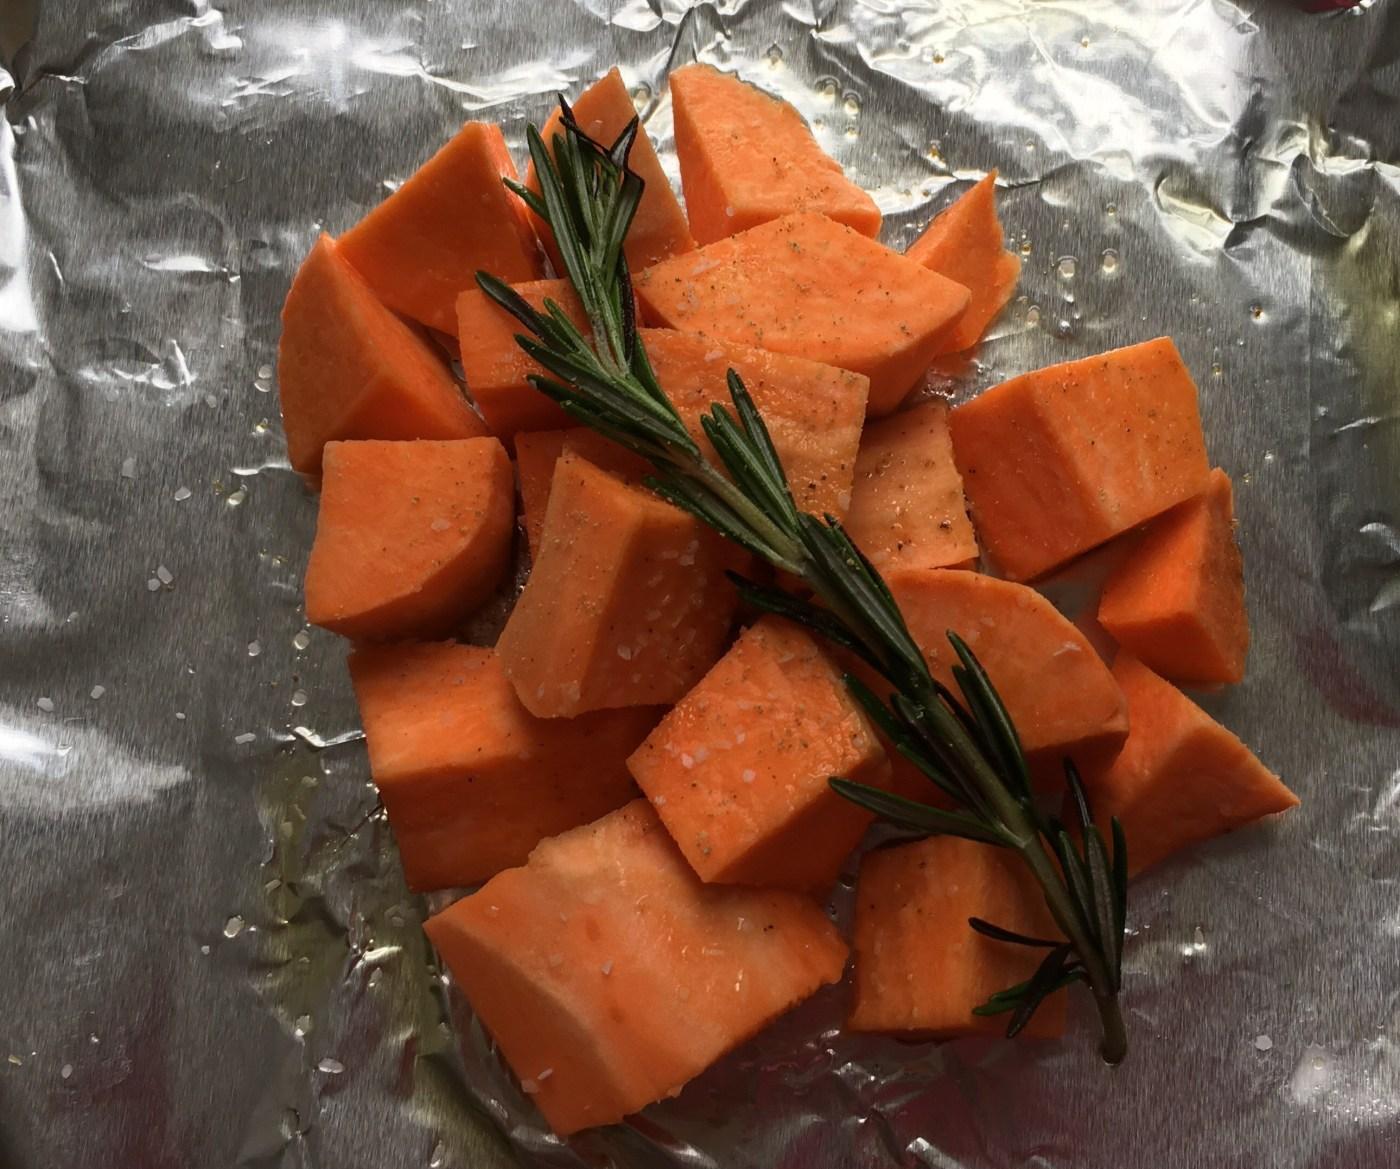 Rosemary, sweet potato, salt, pepper & olive oil.